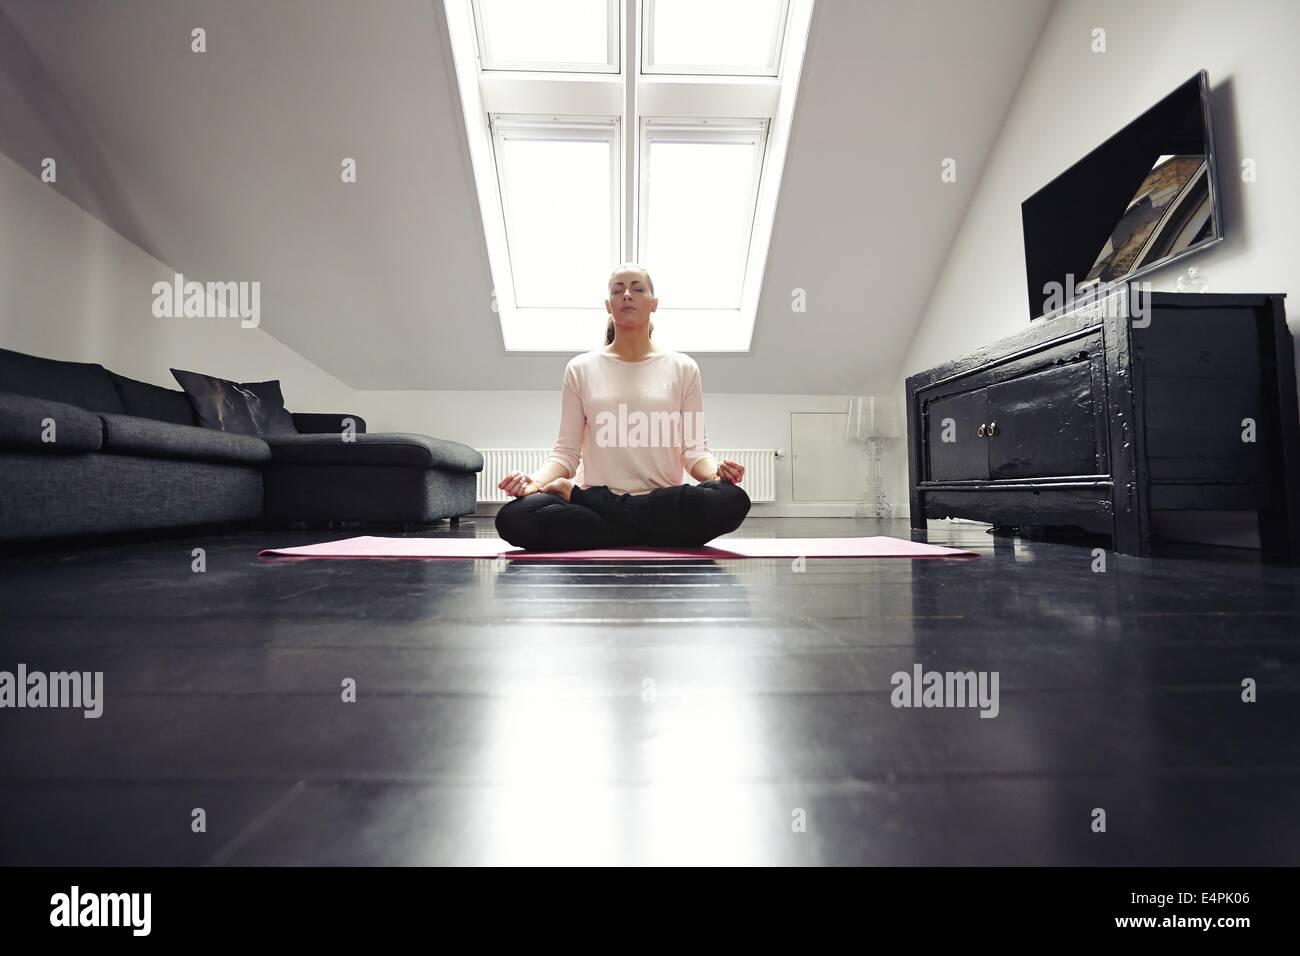 Ritratto di sano giovane donna esercizio di yoga in salotto. Fitness relax femmina con la meditazione yoga a casa. Immagini Stock